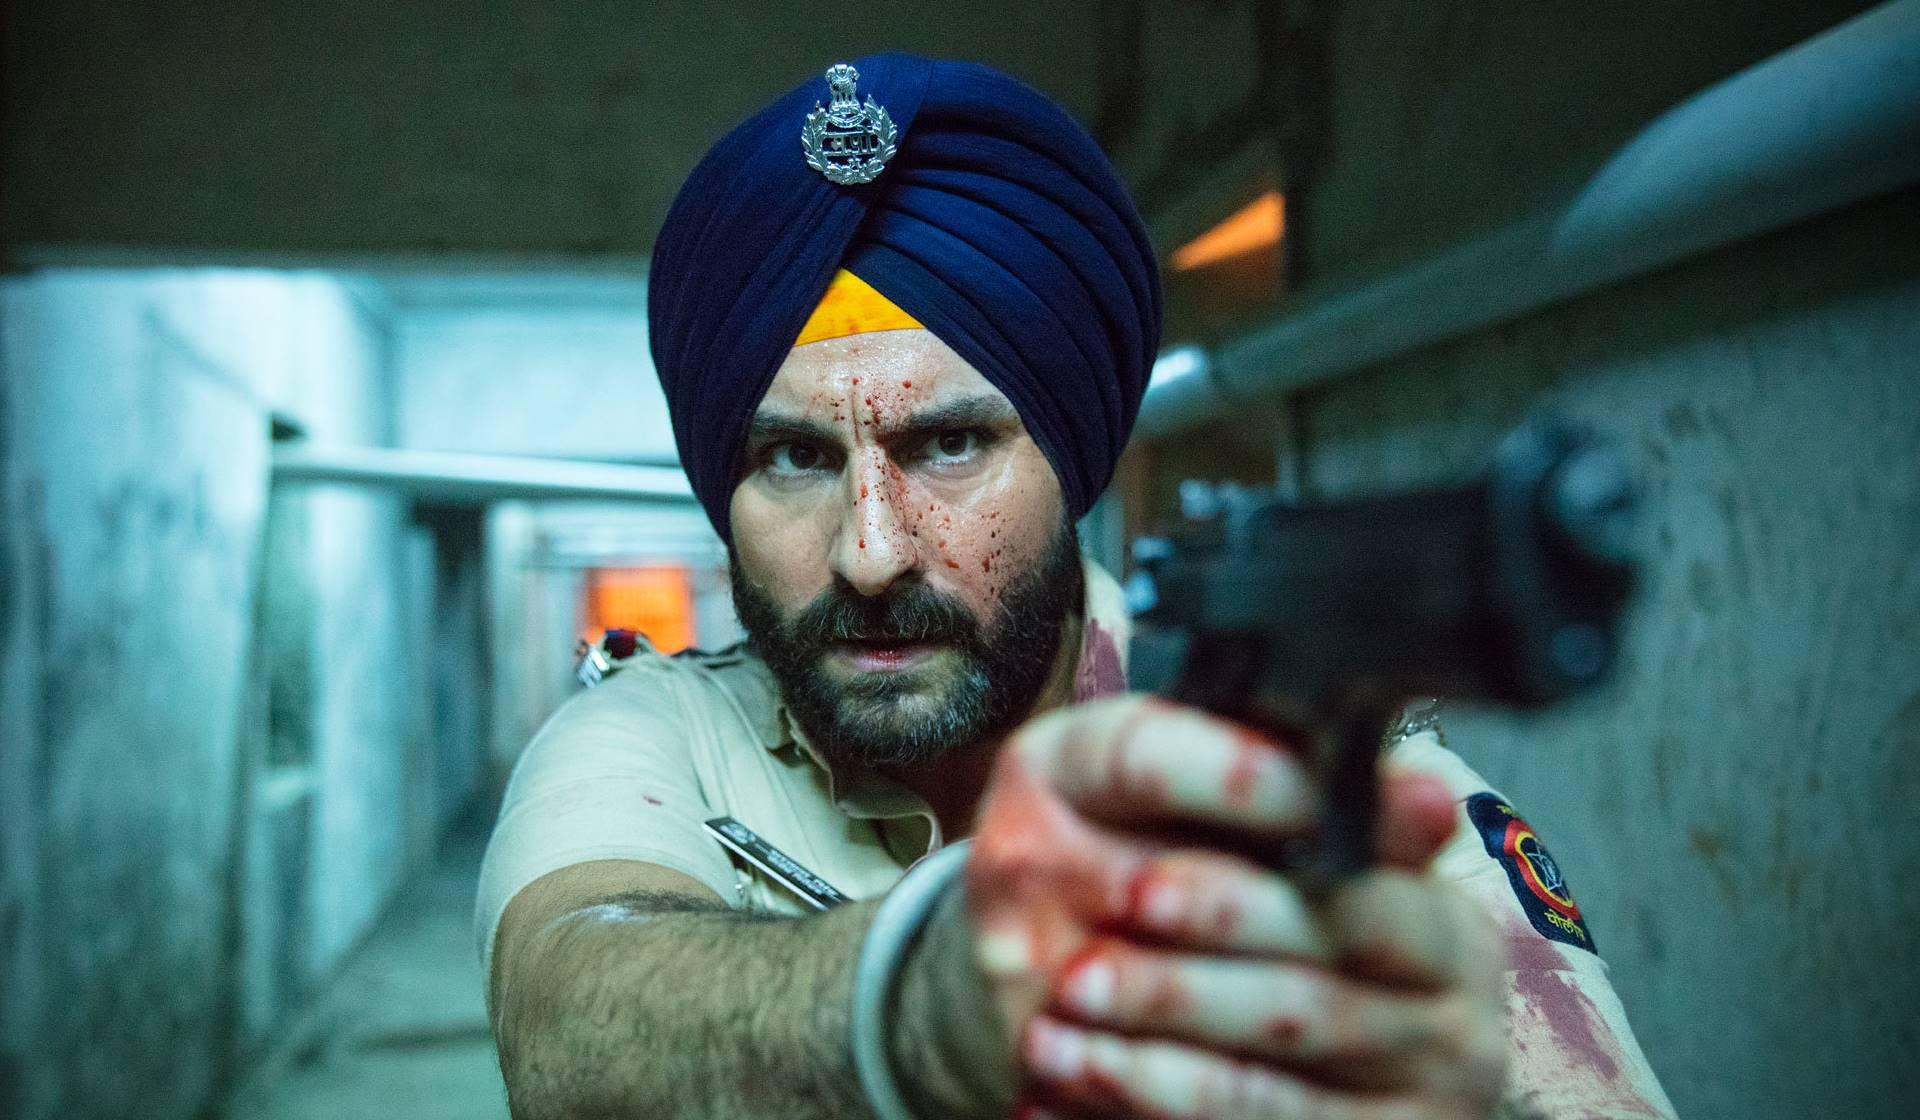 Cuando Netflix se fue a la india. Series indias de calidad en Netflix: Sacred Games, Ghoul, Delhi Crime.